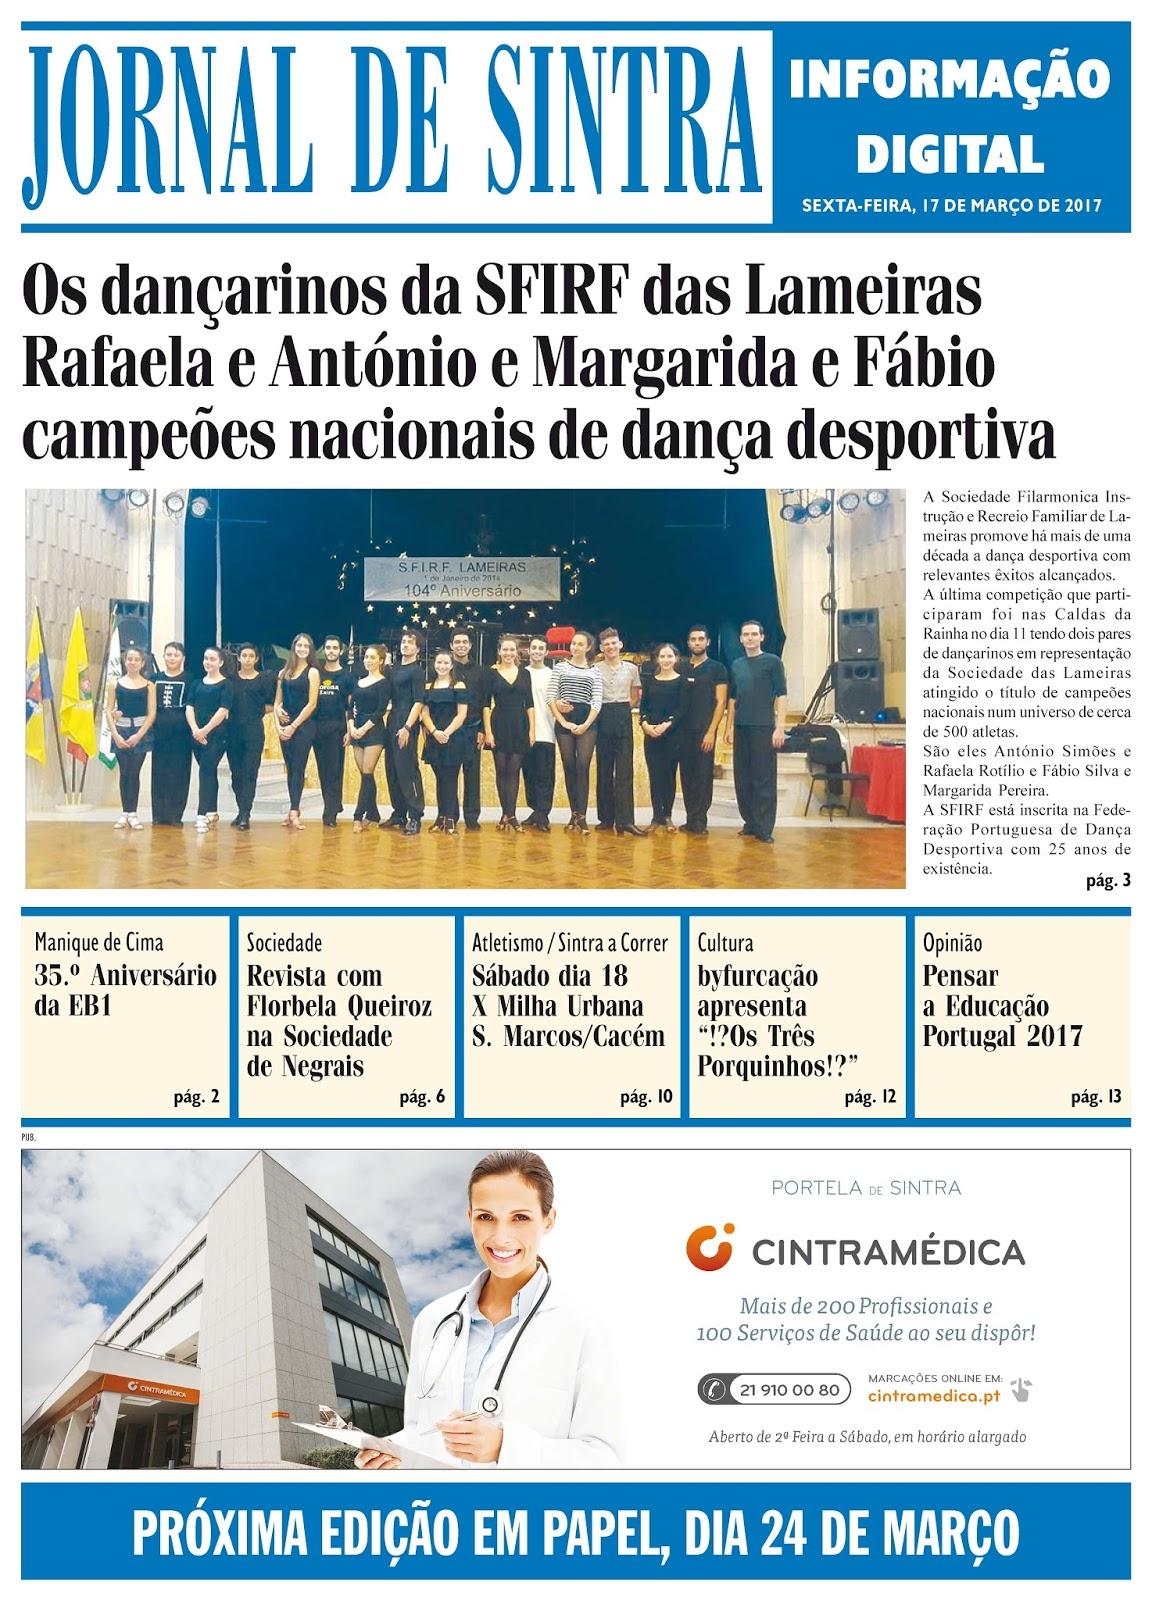 Capa da edição de 17-03-2017